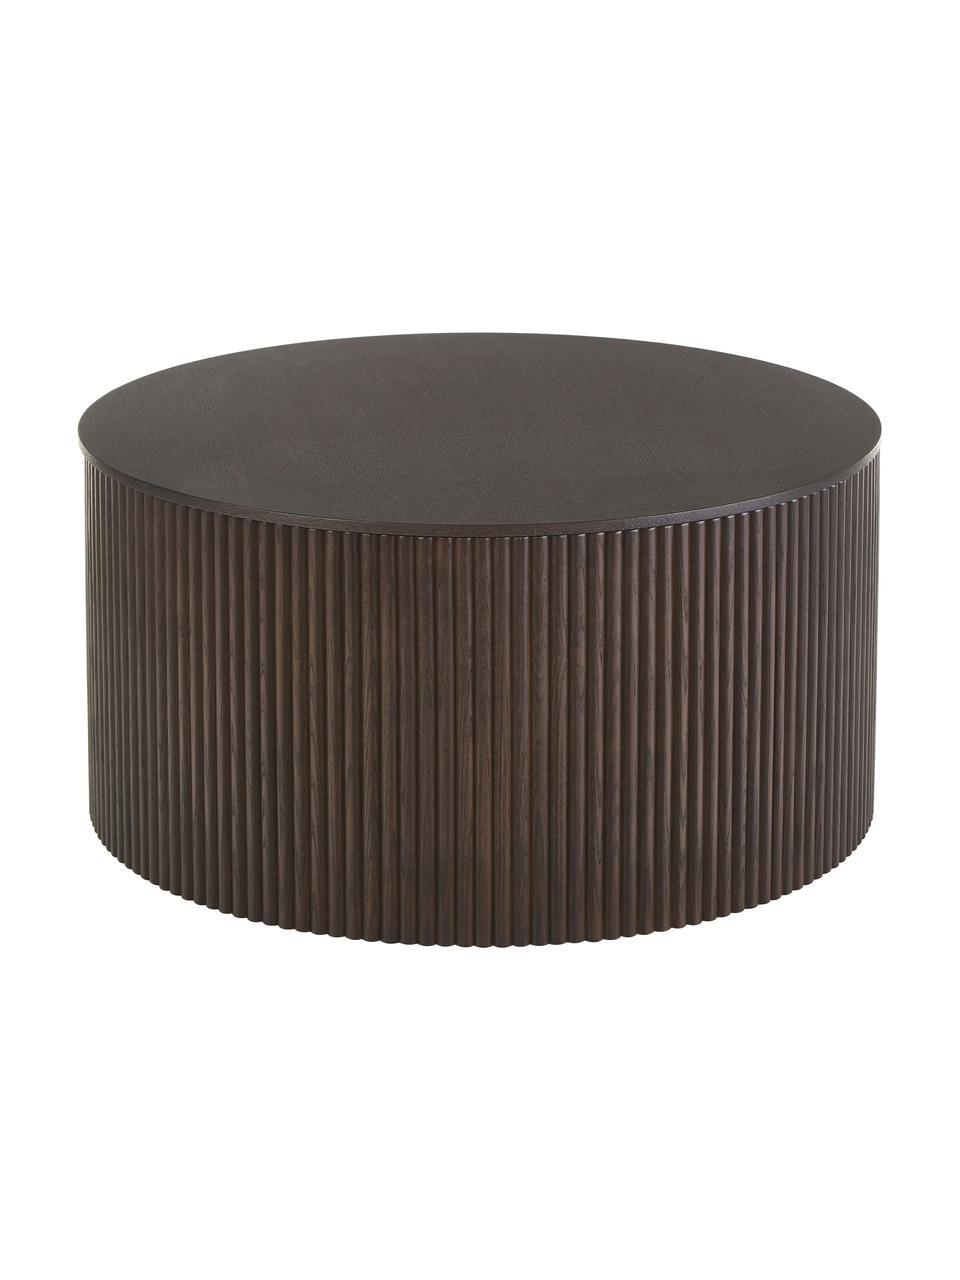 Holz-Couchtisch Nele mit Stauraum, Mitteldichte Holzfaserplatte (MDF) mit Eschenholzfurnier, Braun, Ø 70 x H 36 cm